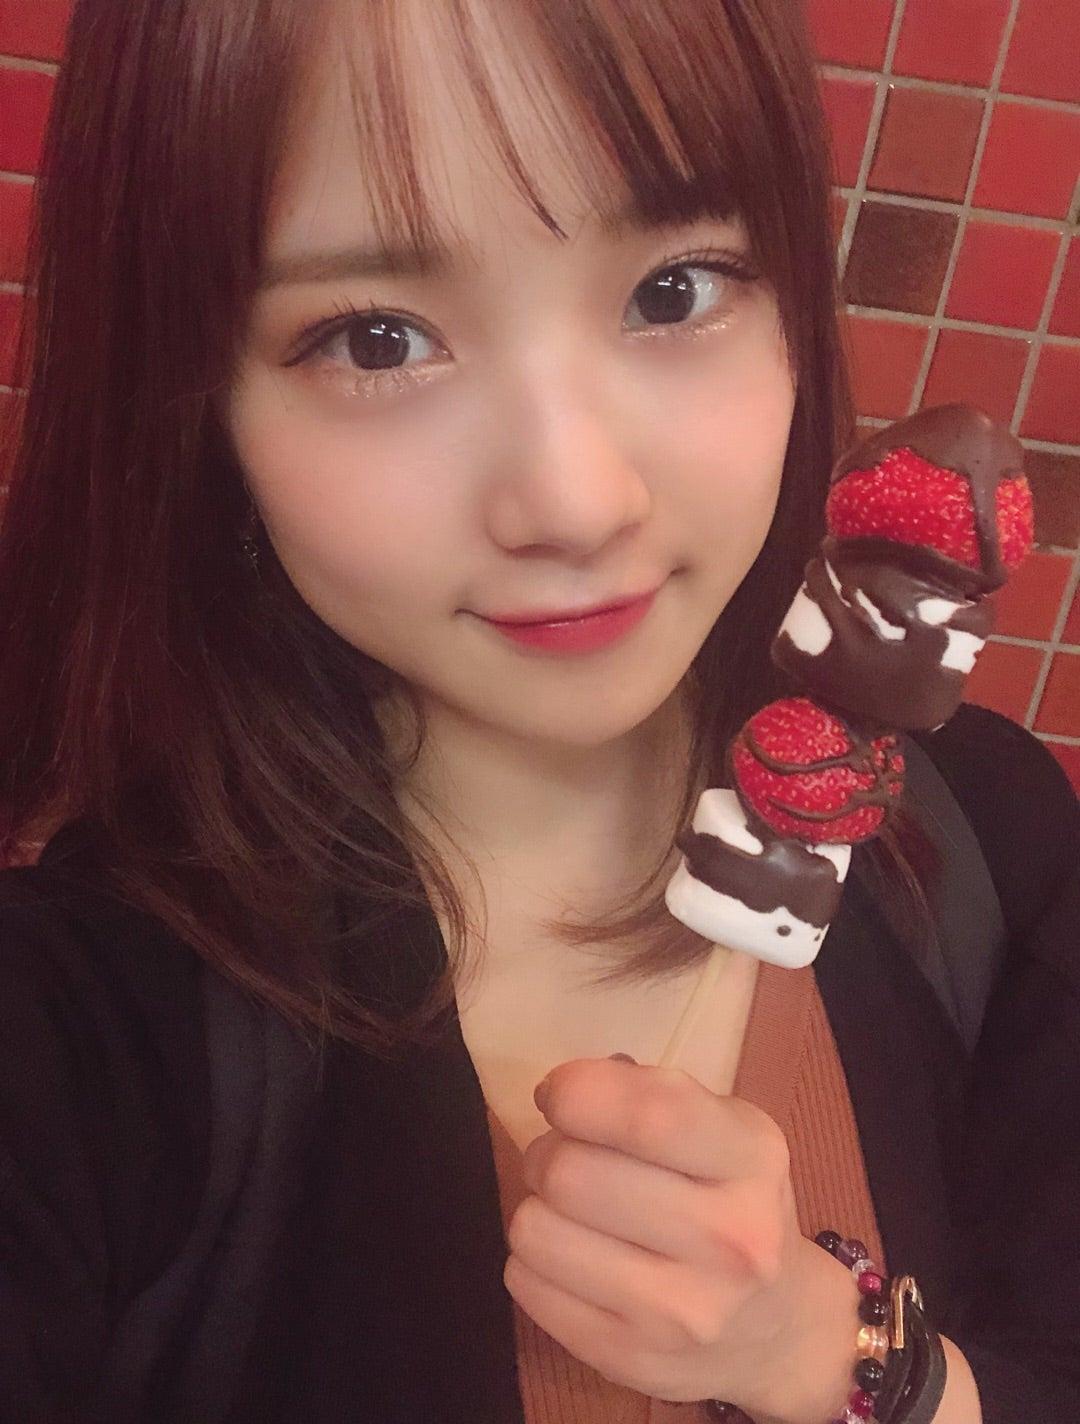 https://stat.ameba.jp/user_images/20190912/22/juicejuice-official/3e/95/j/o1080142414585660548.jpg